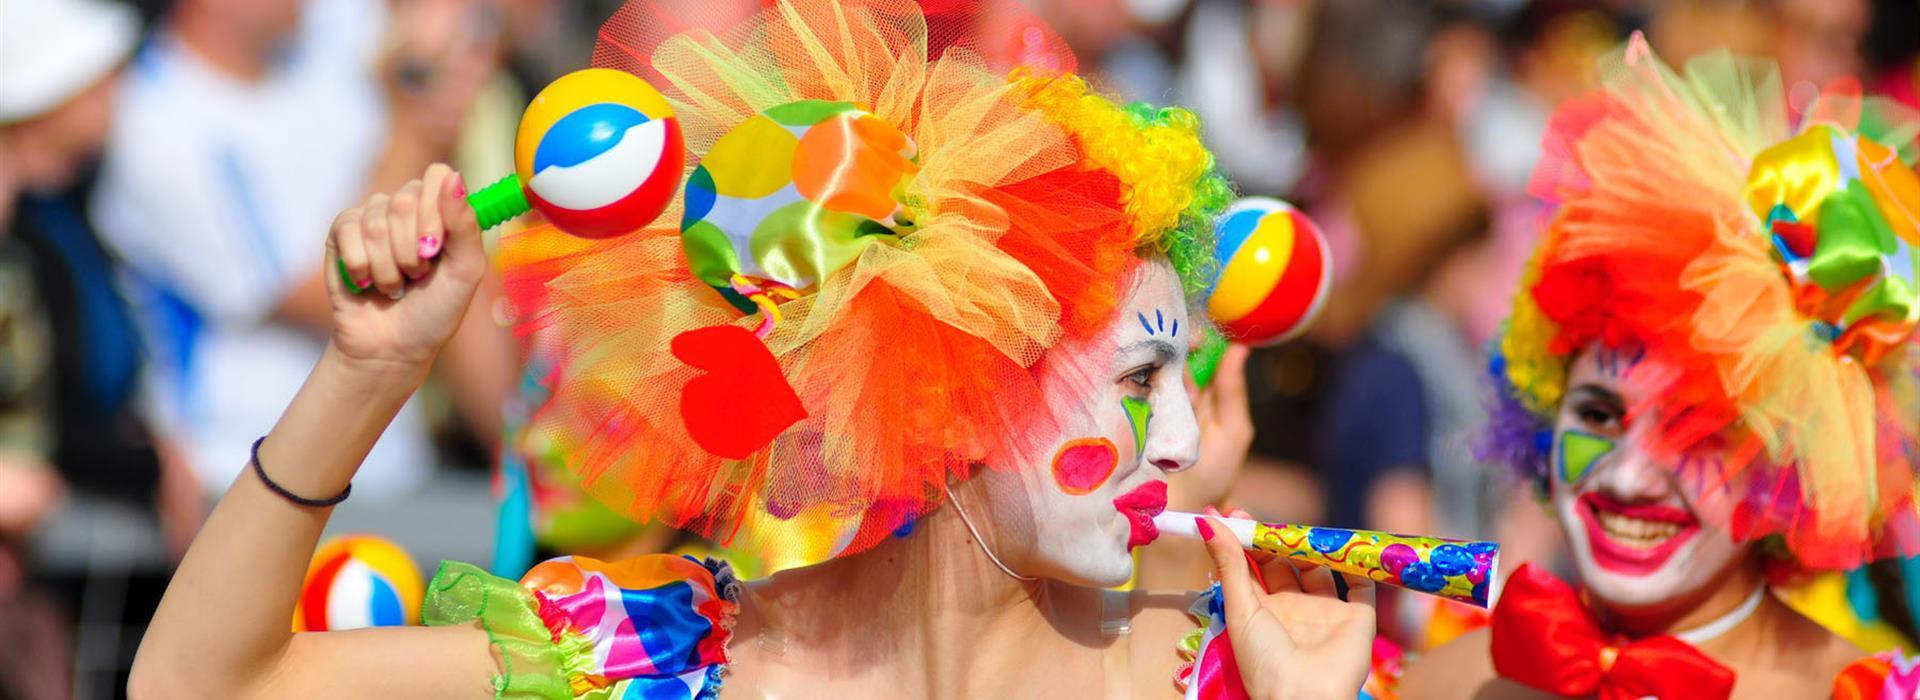 carnival_93428053